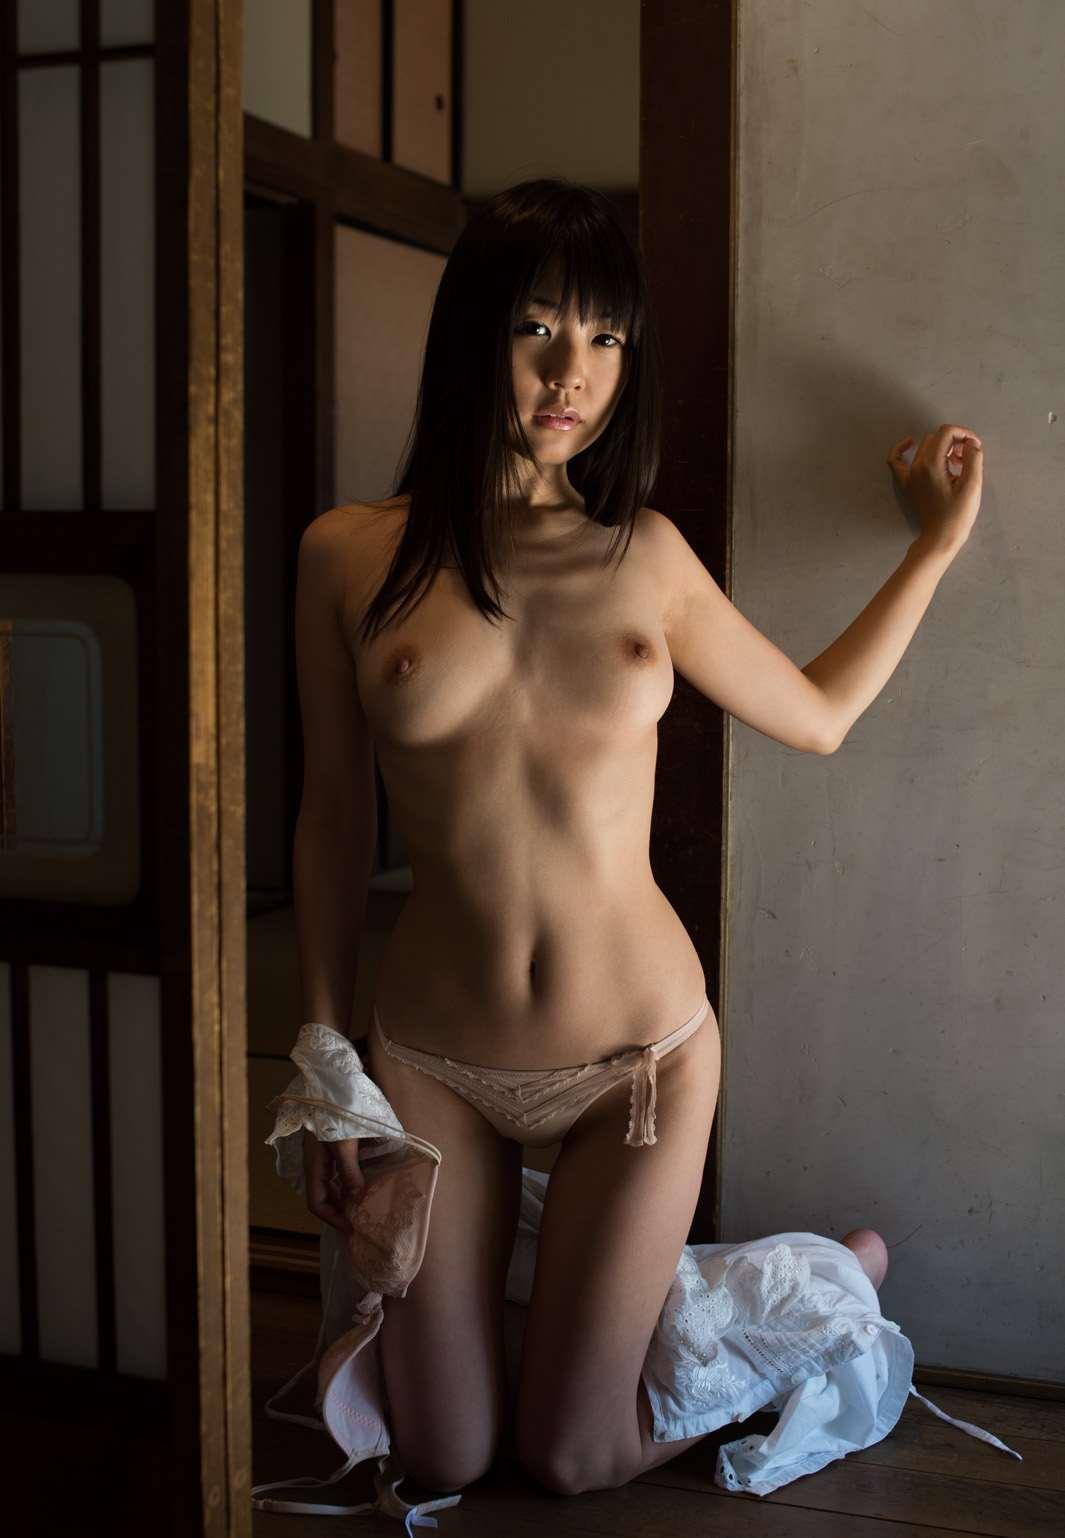 つぼみ (AV女優) ヌード画像 25